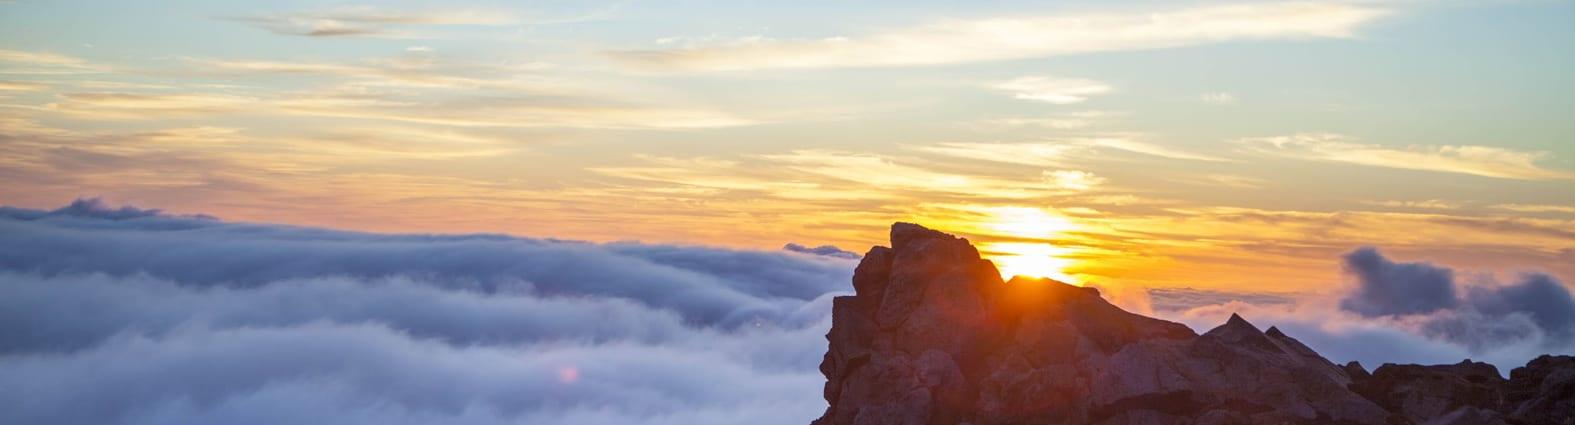 Sunrise Tour Maui - Sunrise at the Volcano - Maui Tickets for Less